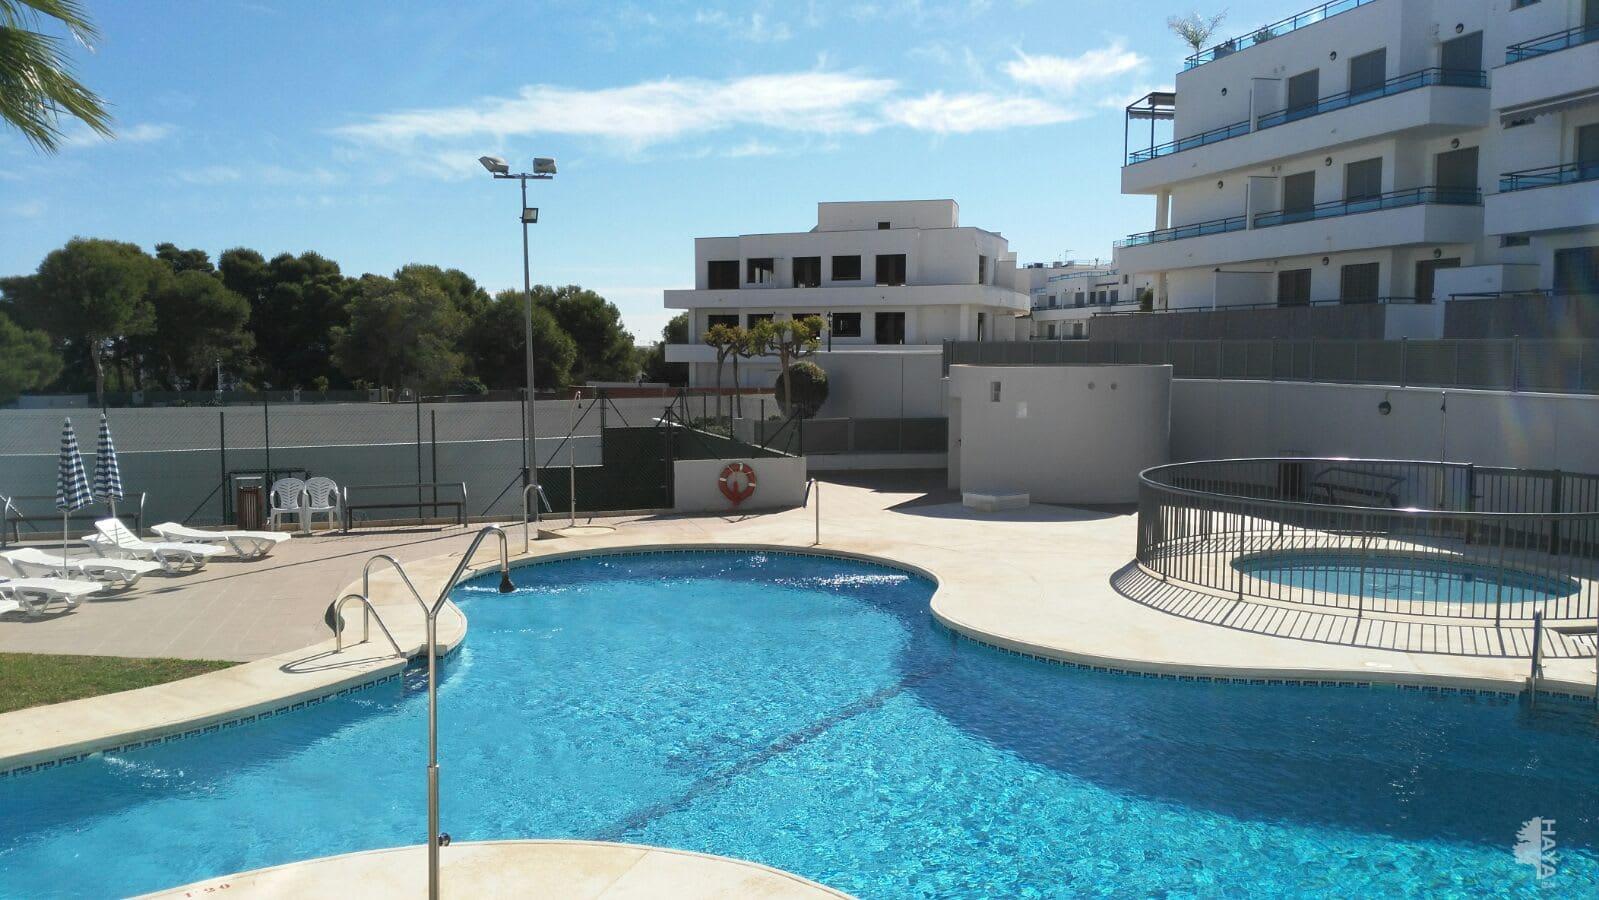 Piso en venta en Garrucha, Garrucha, Almería, Calle Murillo, 105.600 €, 2 habitaciones, 2 baños, 89 m2